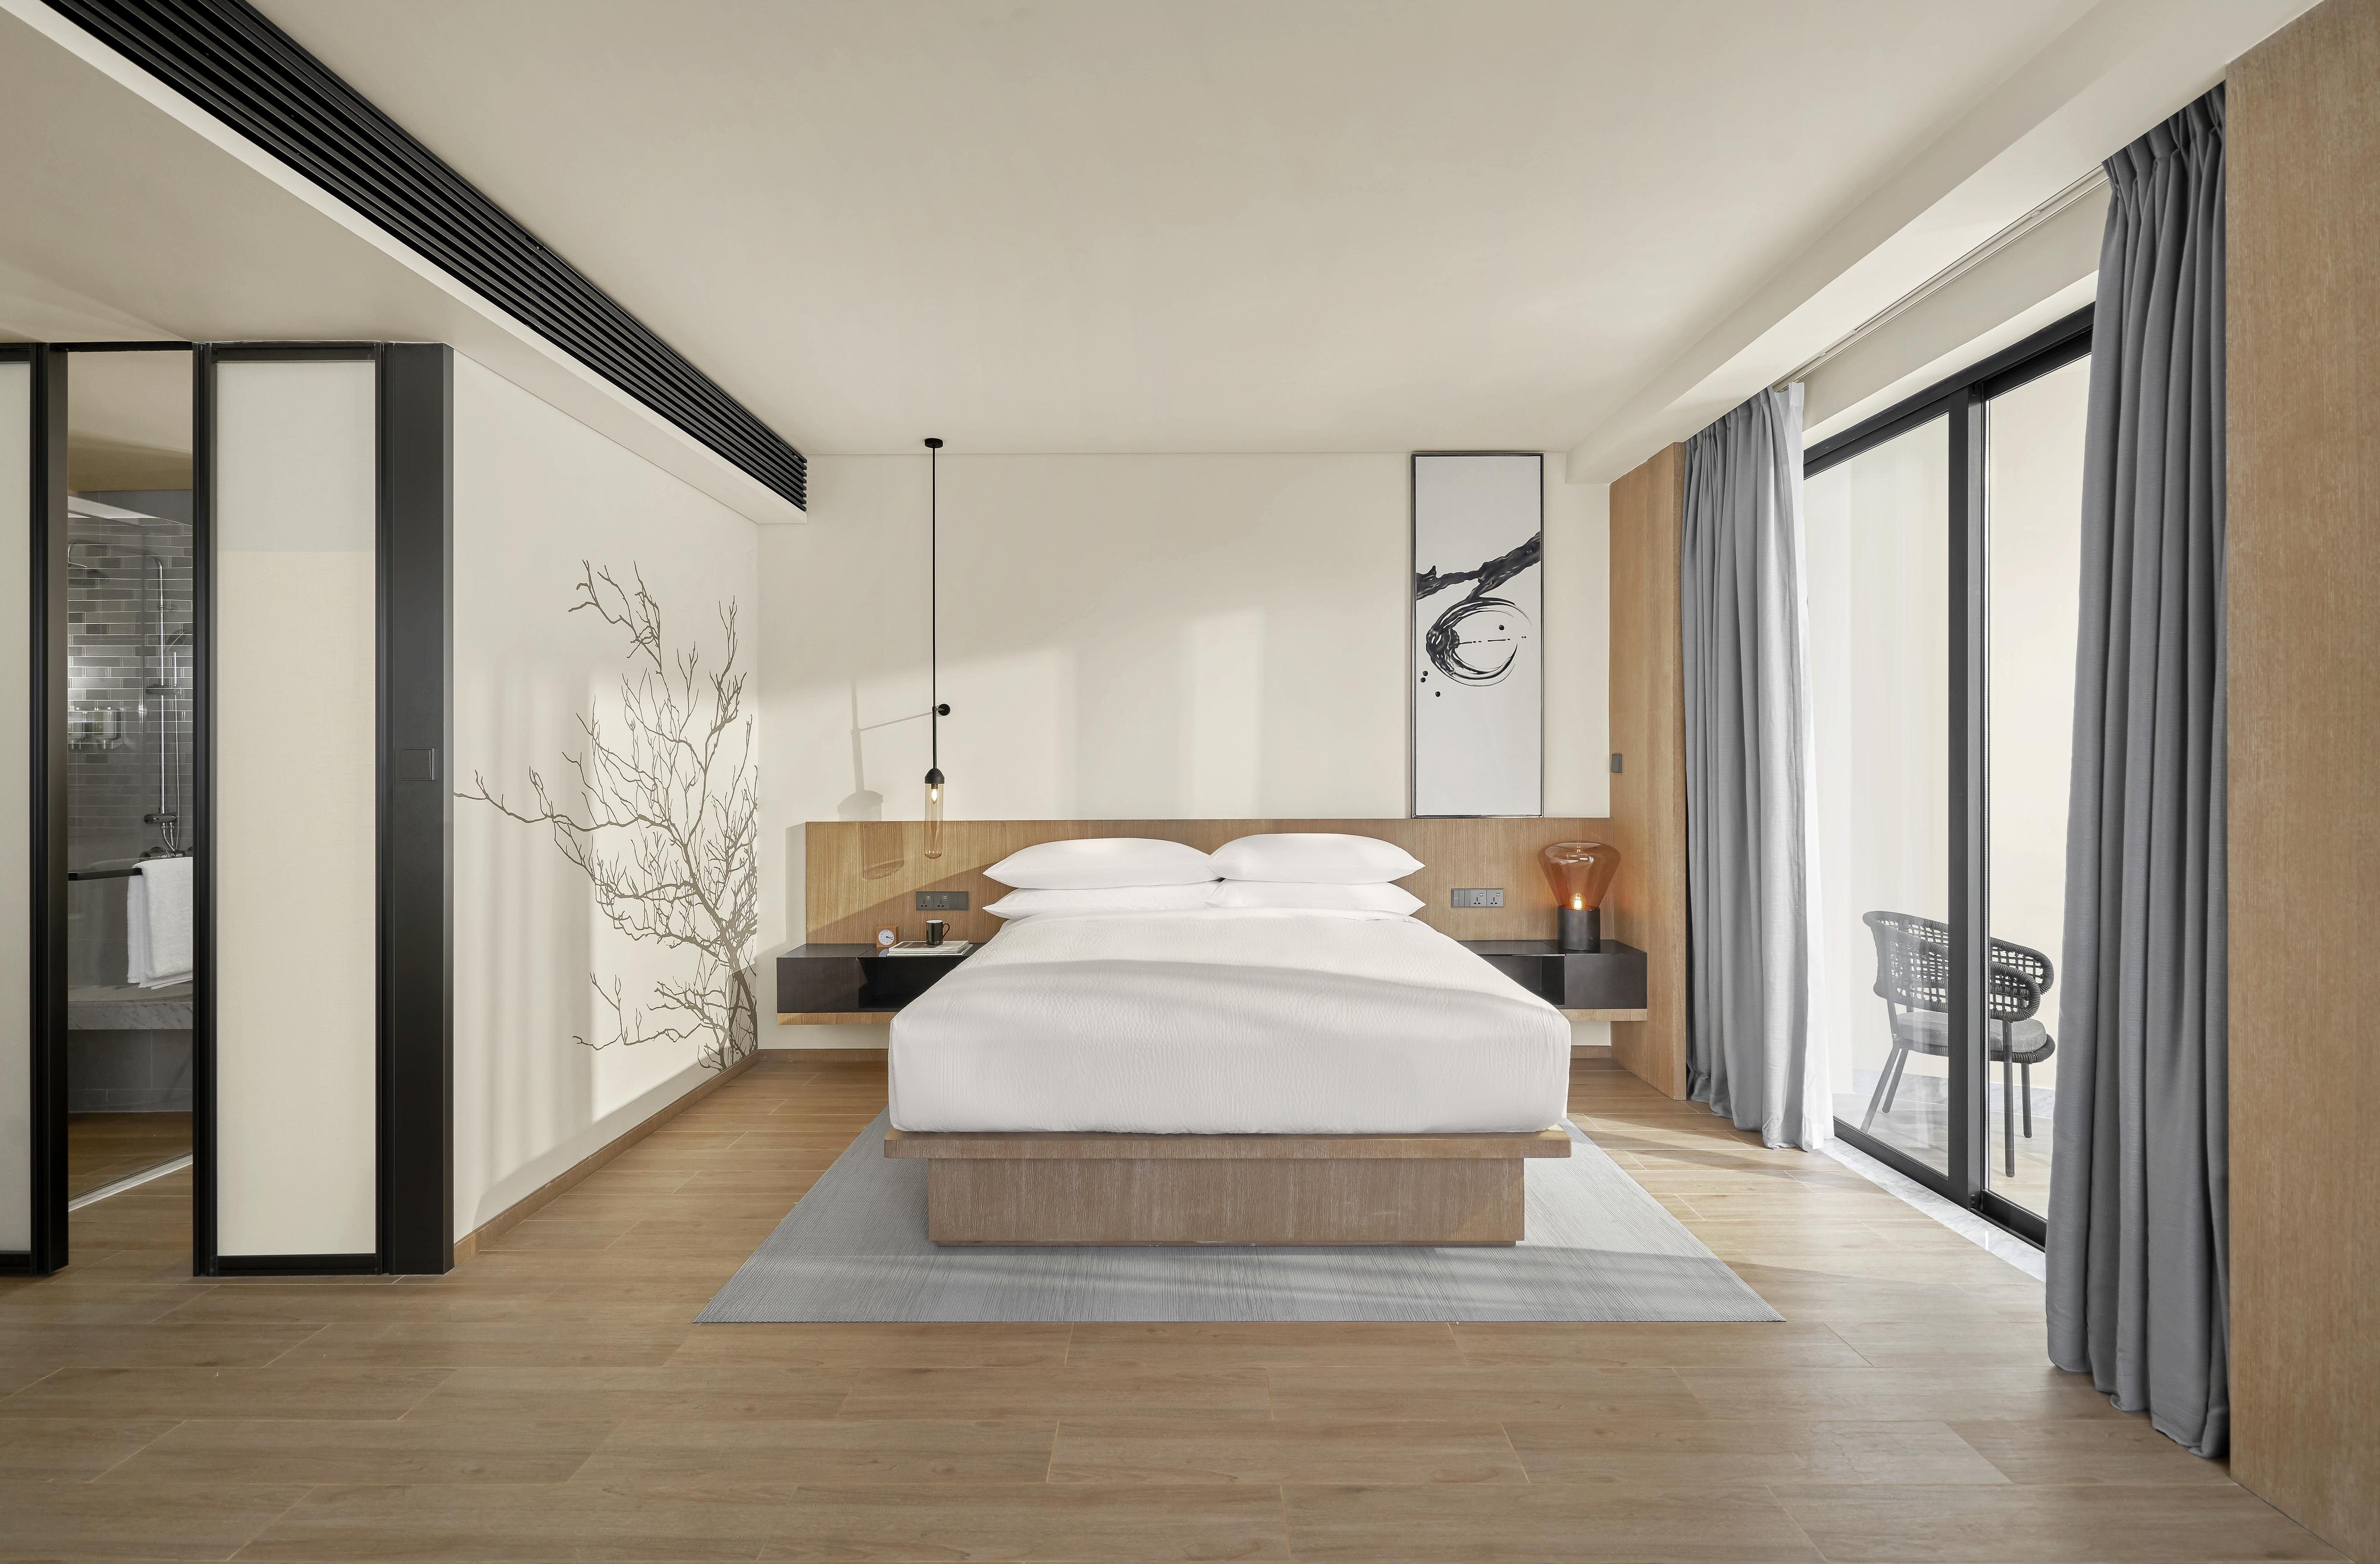 Deluxe room 3.jpg